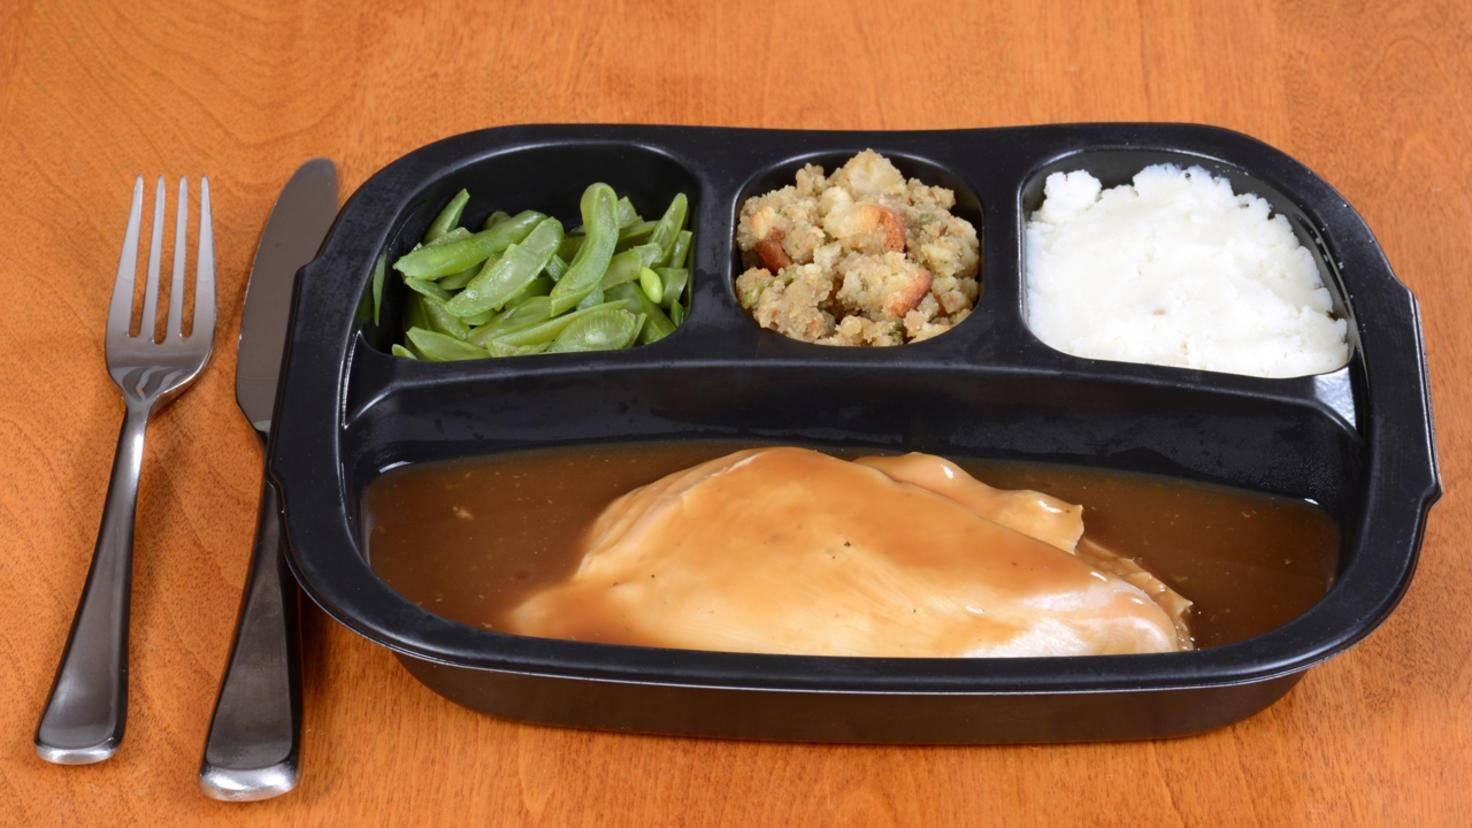 Sieht nicht lecker aus und schmeckt auch so: Fertiggerichte ersetzt Du am besten komplett durch gesünderes Essen.